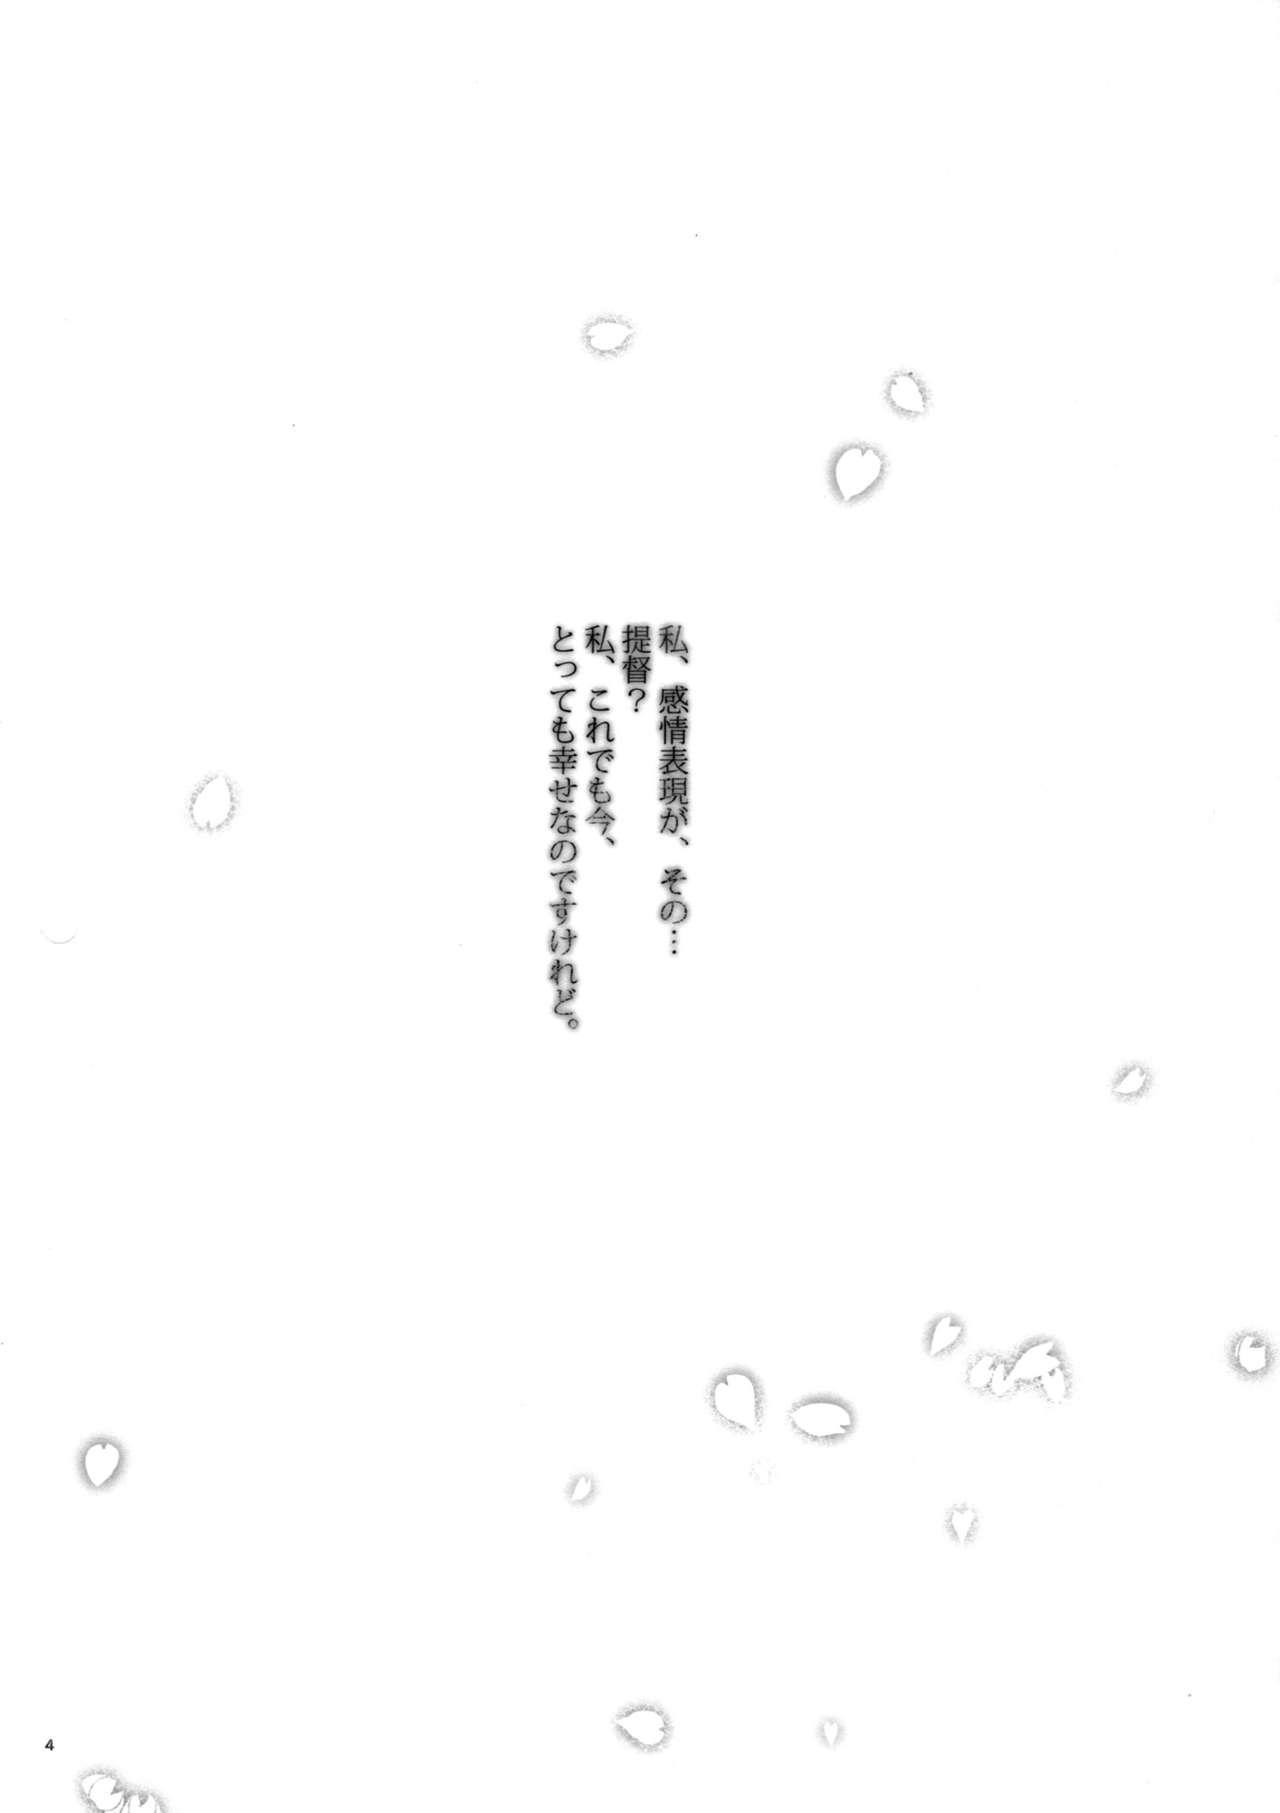 Kono Mune no Takanari wo 2